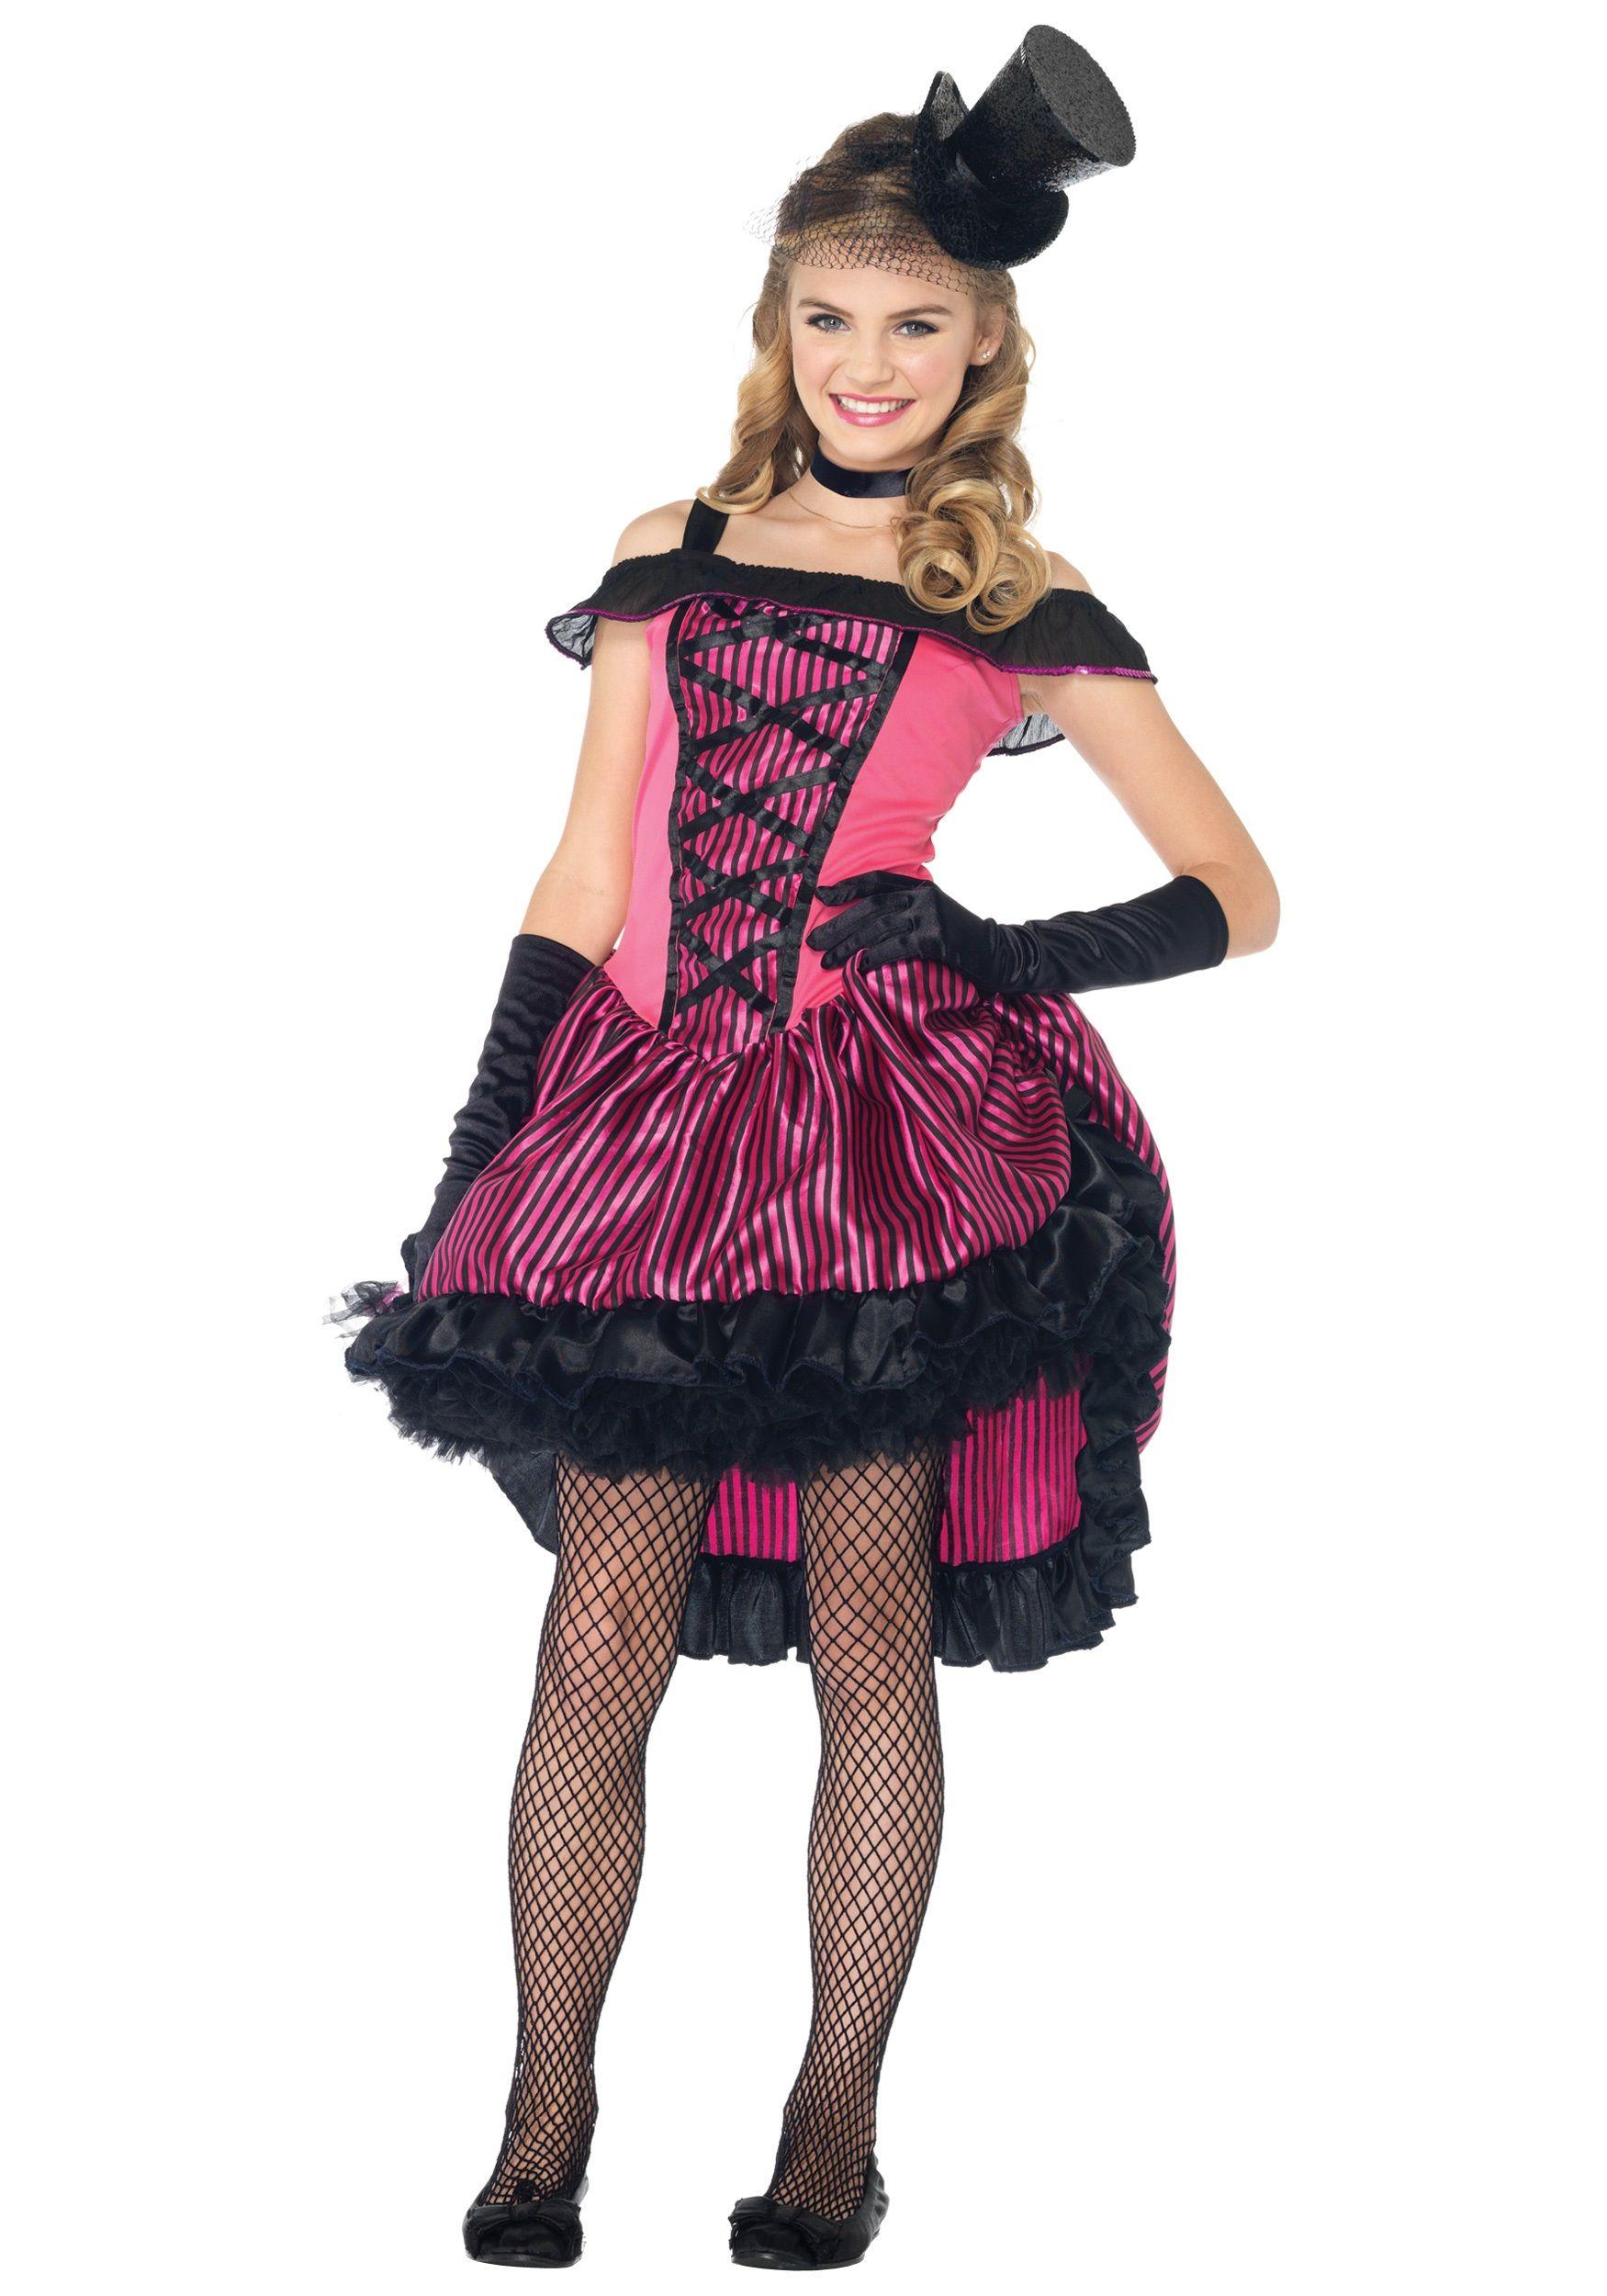 teen halloween girls costumes | girls halloween costumes 2014